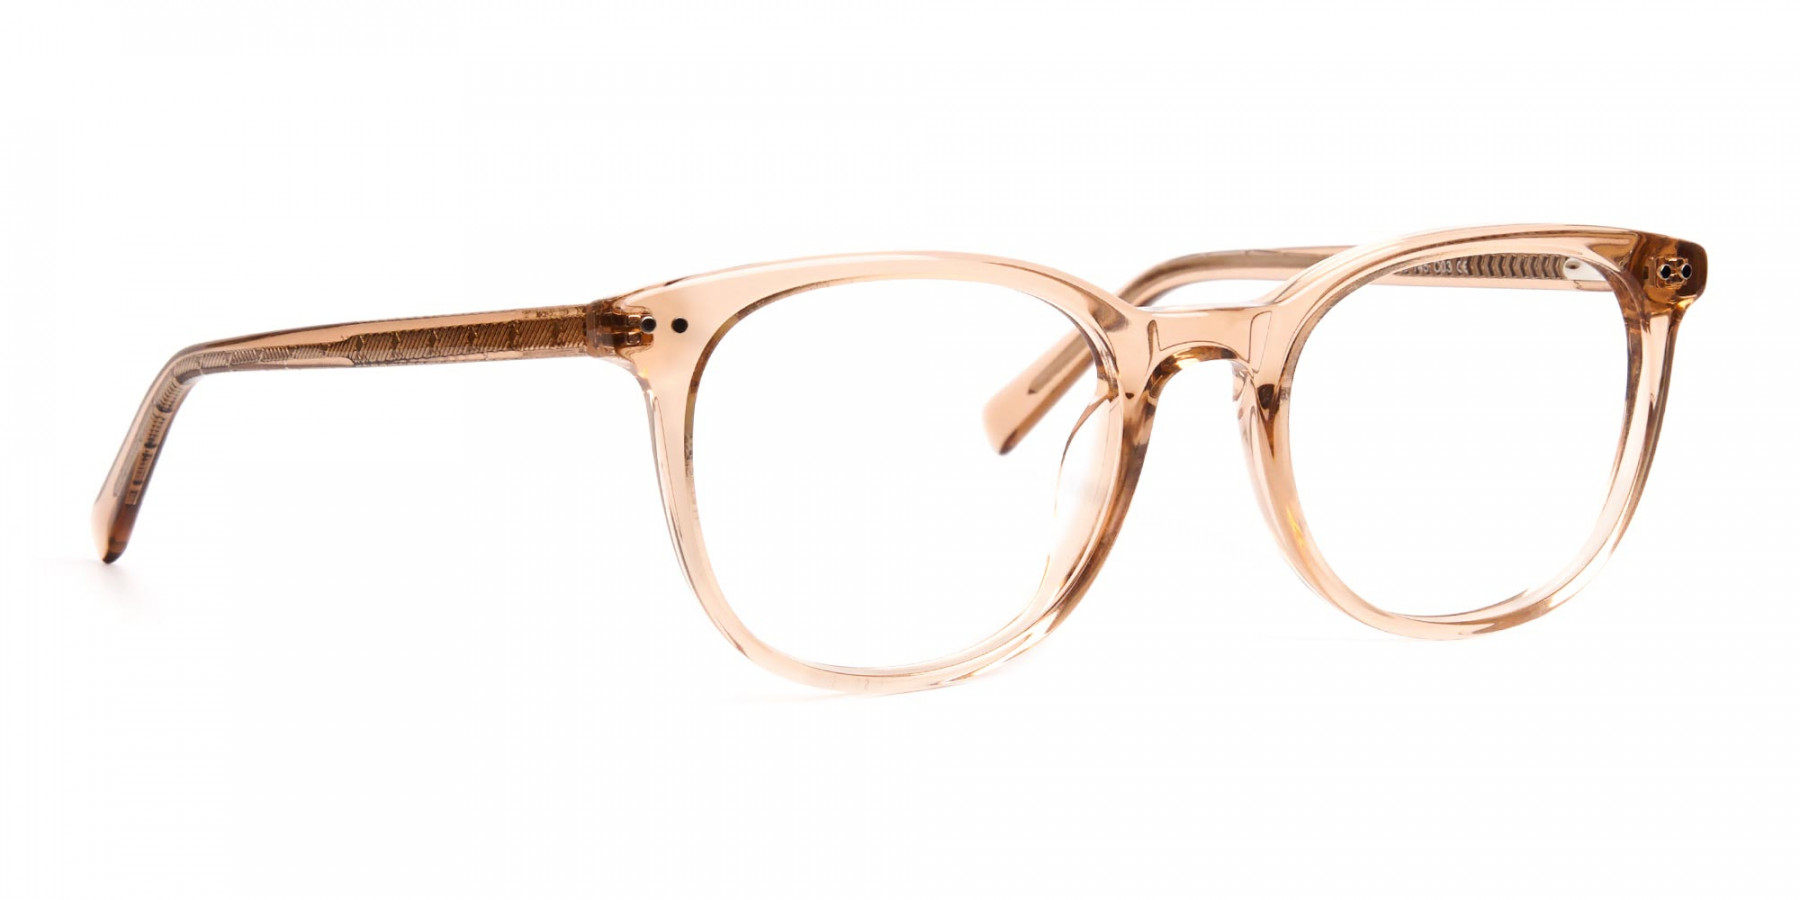 crystal-clear-or-transparent-brown-round-wayfarer-glasses-frames-1